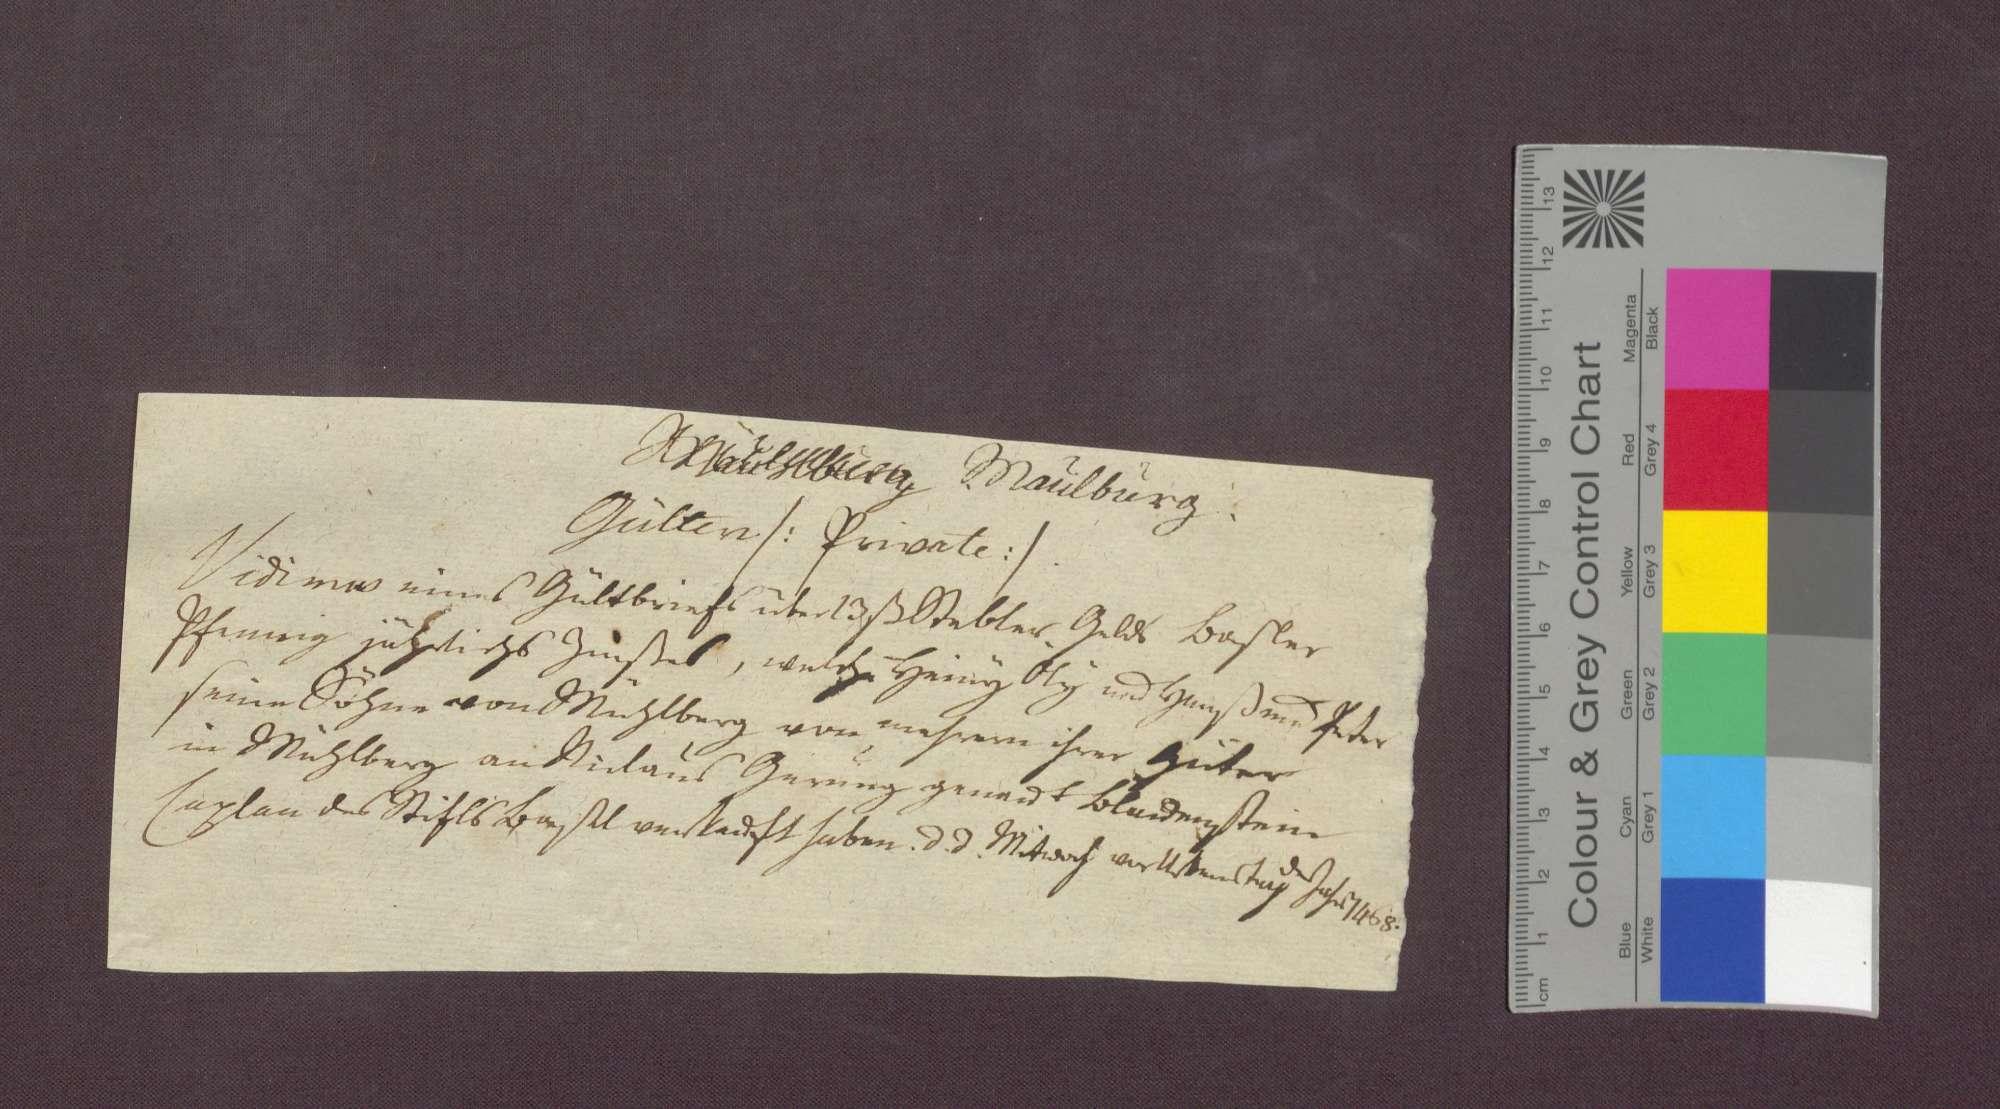 Gültverschreibung des Heini Ulli gen. Vischerli von Maulburg und seiner Söhne Hans und Peter gegenüber dem Basler Domkaplan Nikolaus Gerung gen. Blauenstein., Bild 1